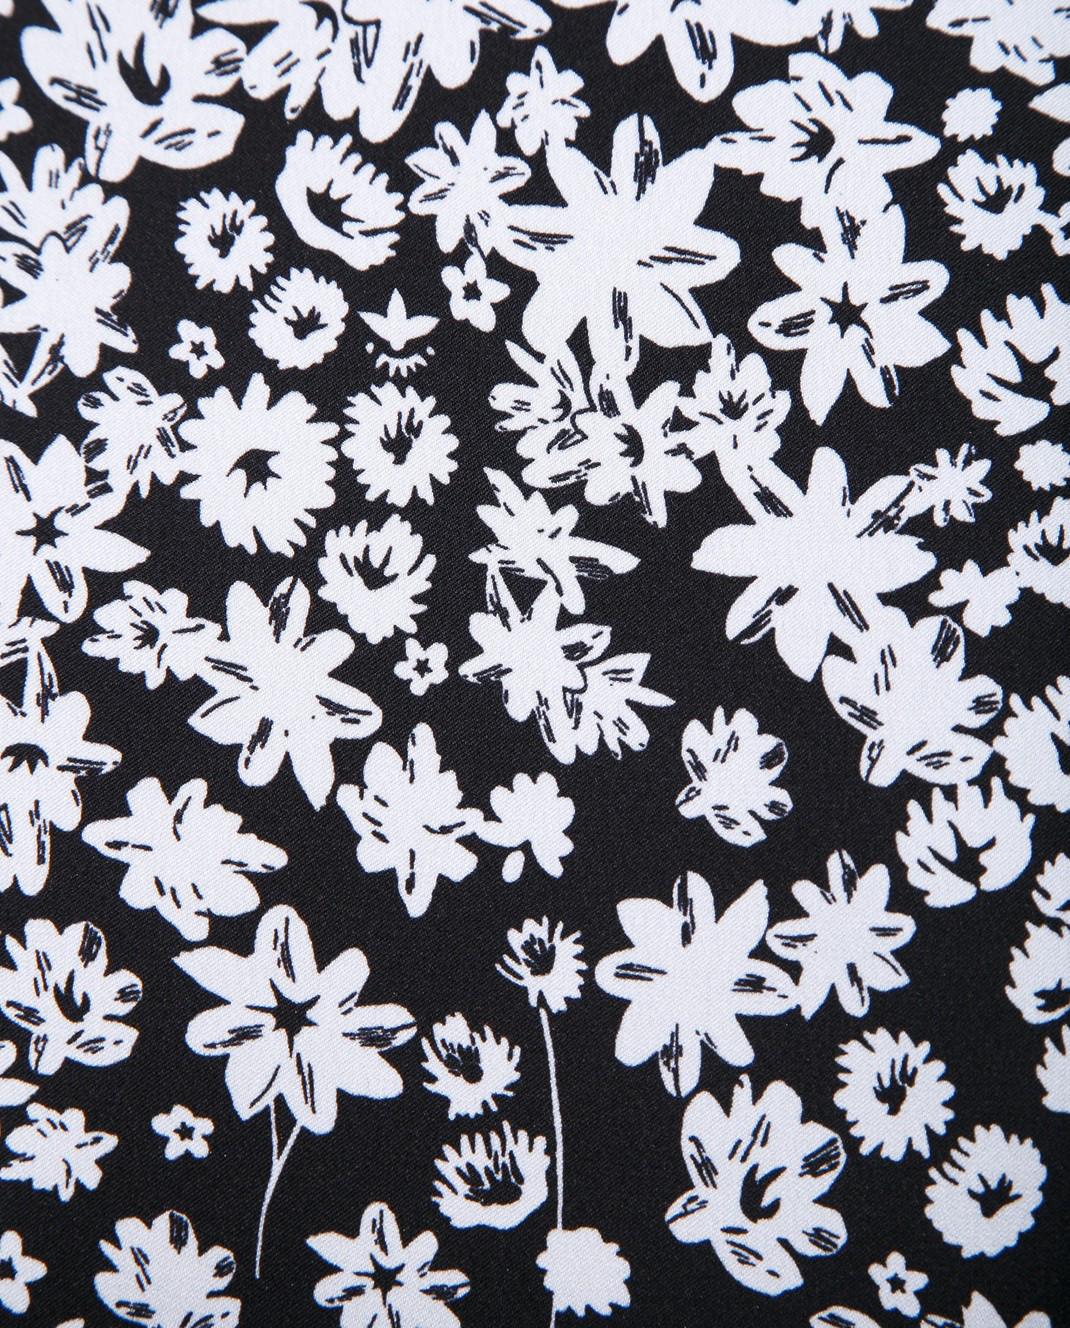 Alexander Terekhov Черное платье из шелка D123 изображение 5